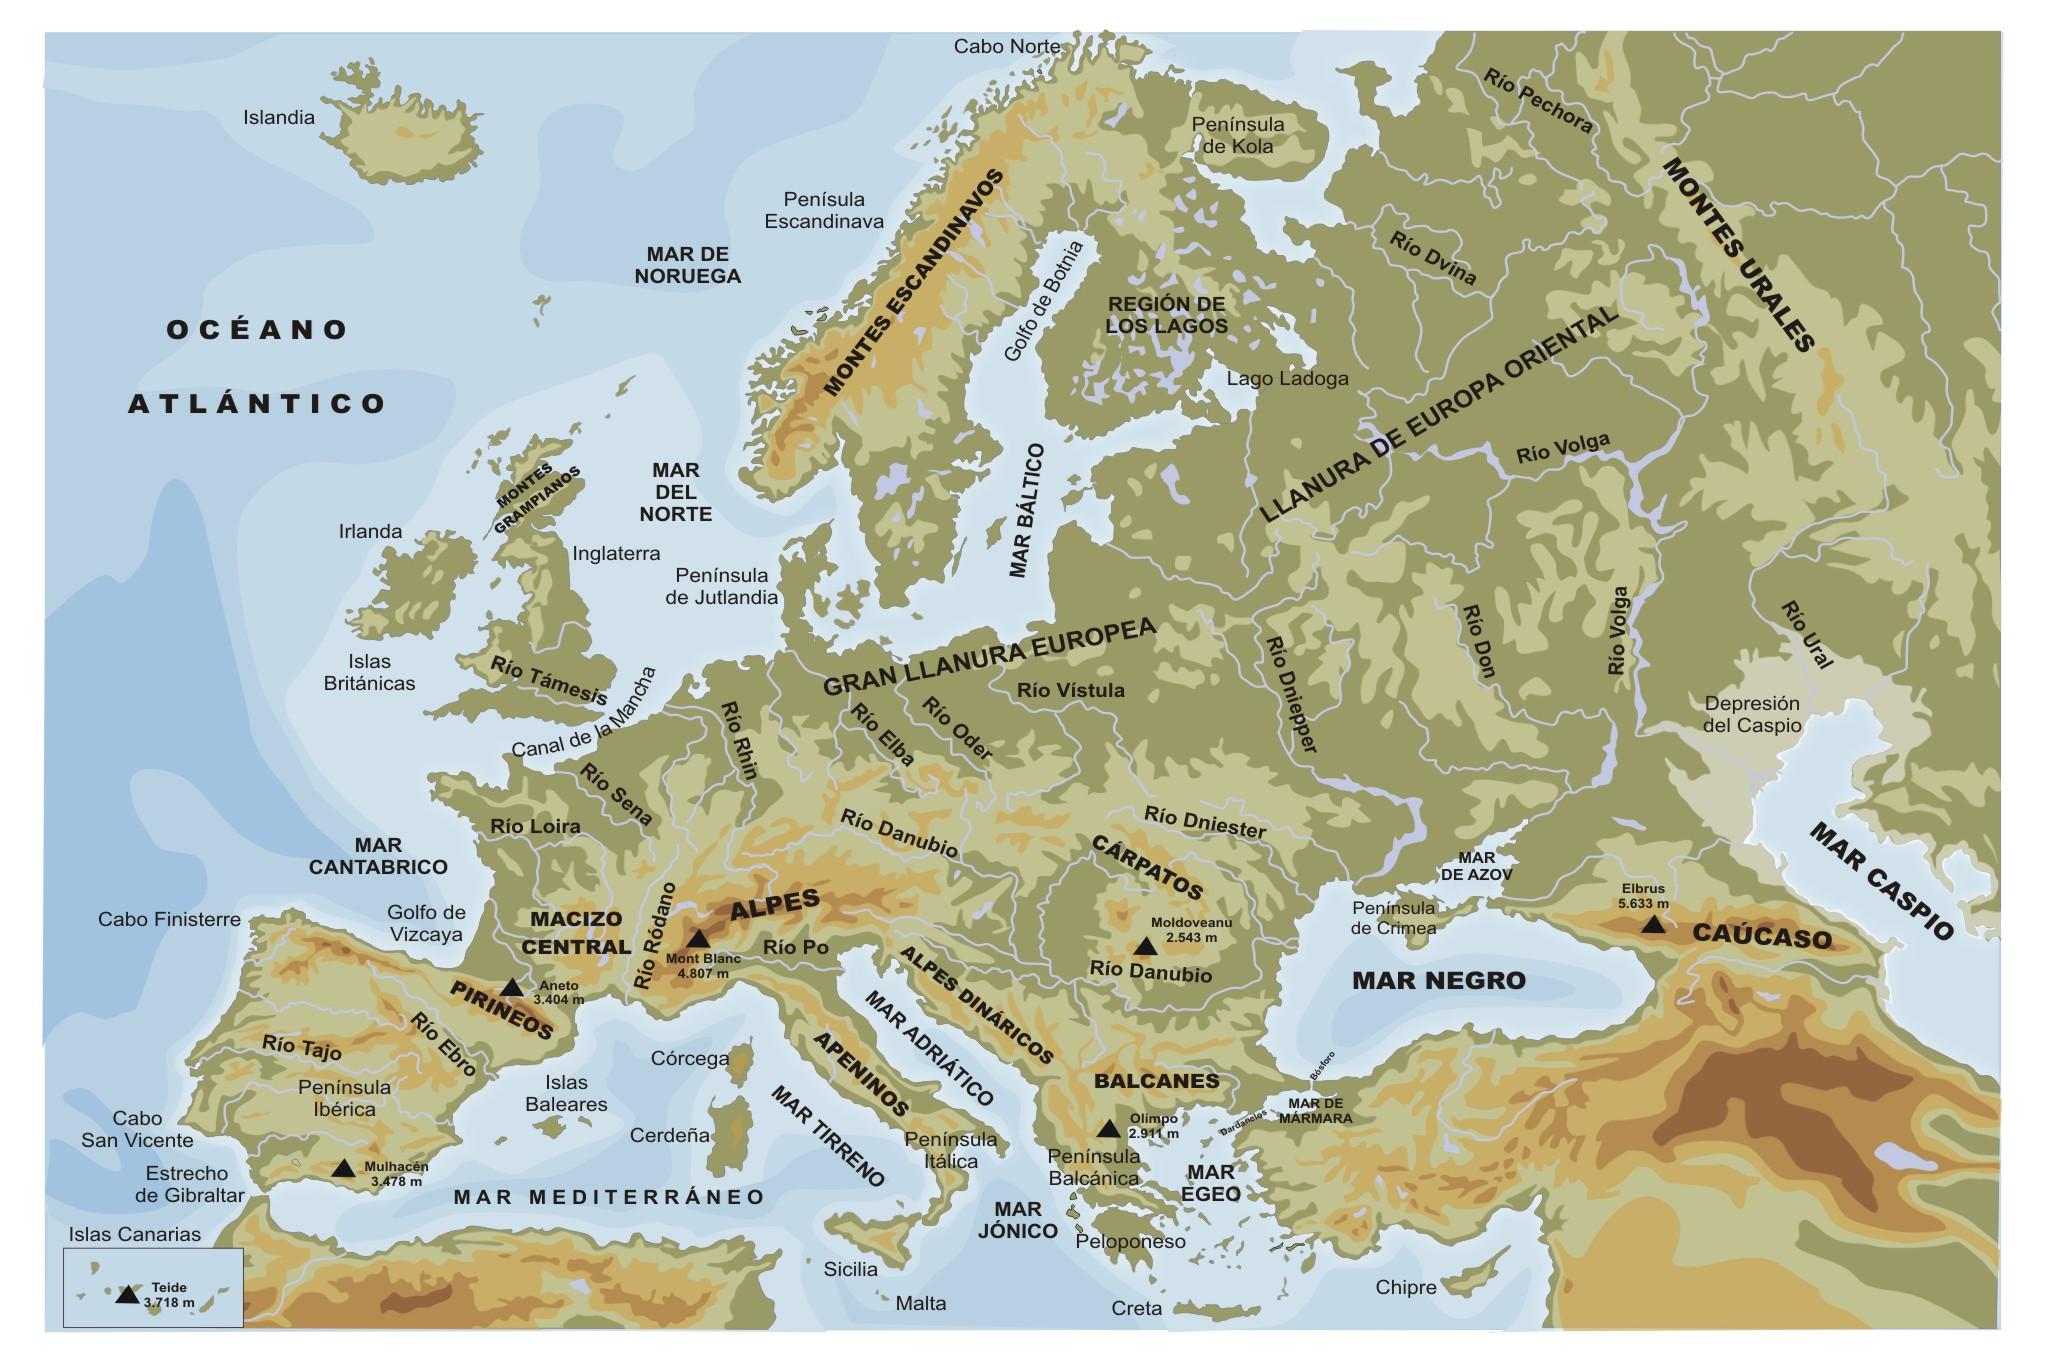 Mapa Fisico Europa Mudo.Sitio Web De Ceip Maria Auxiliadora